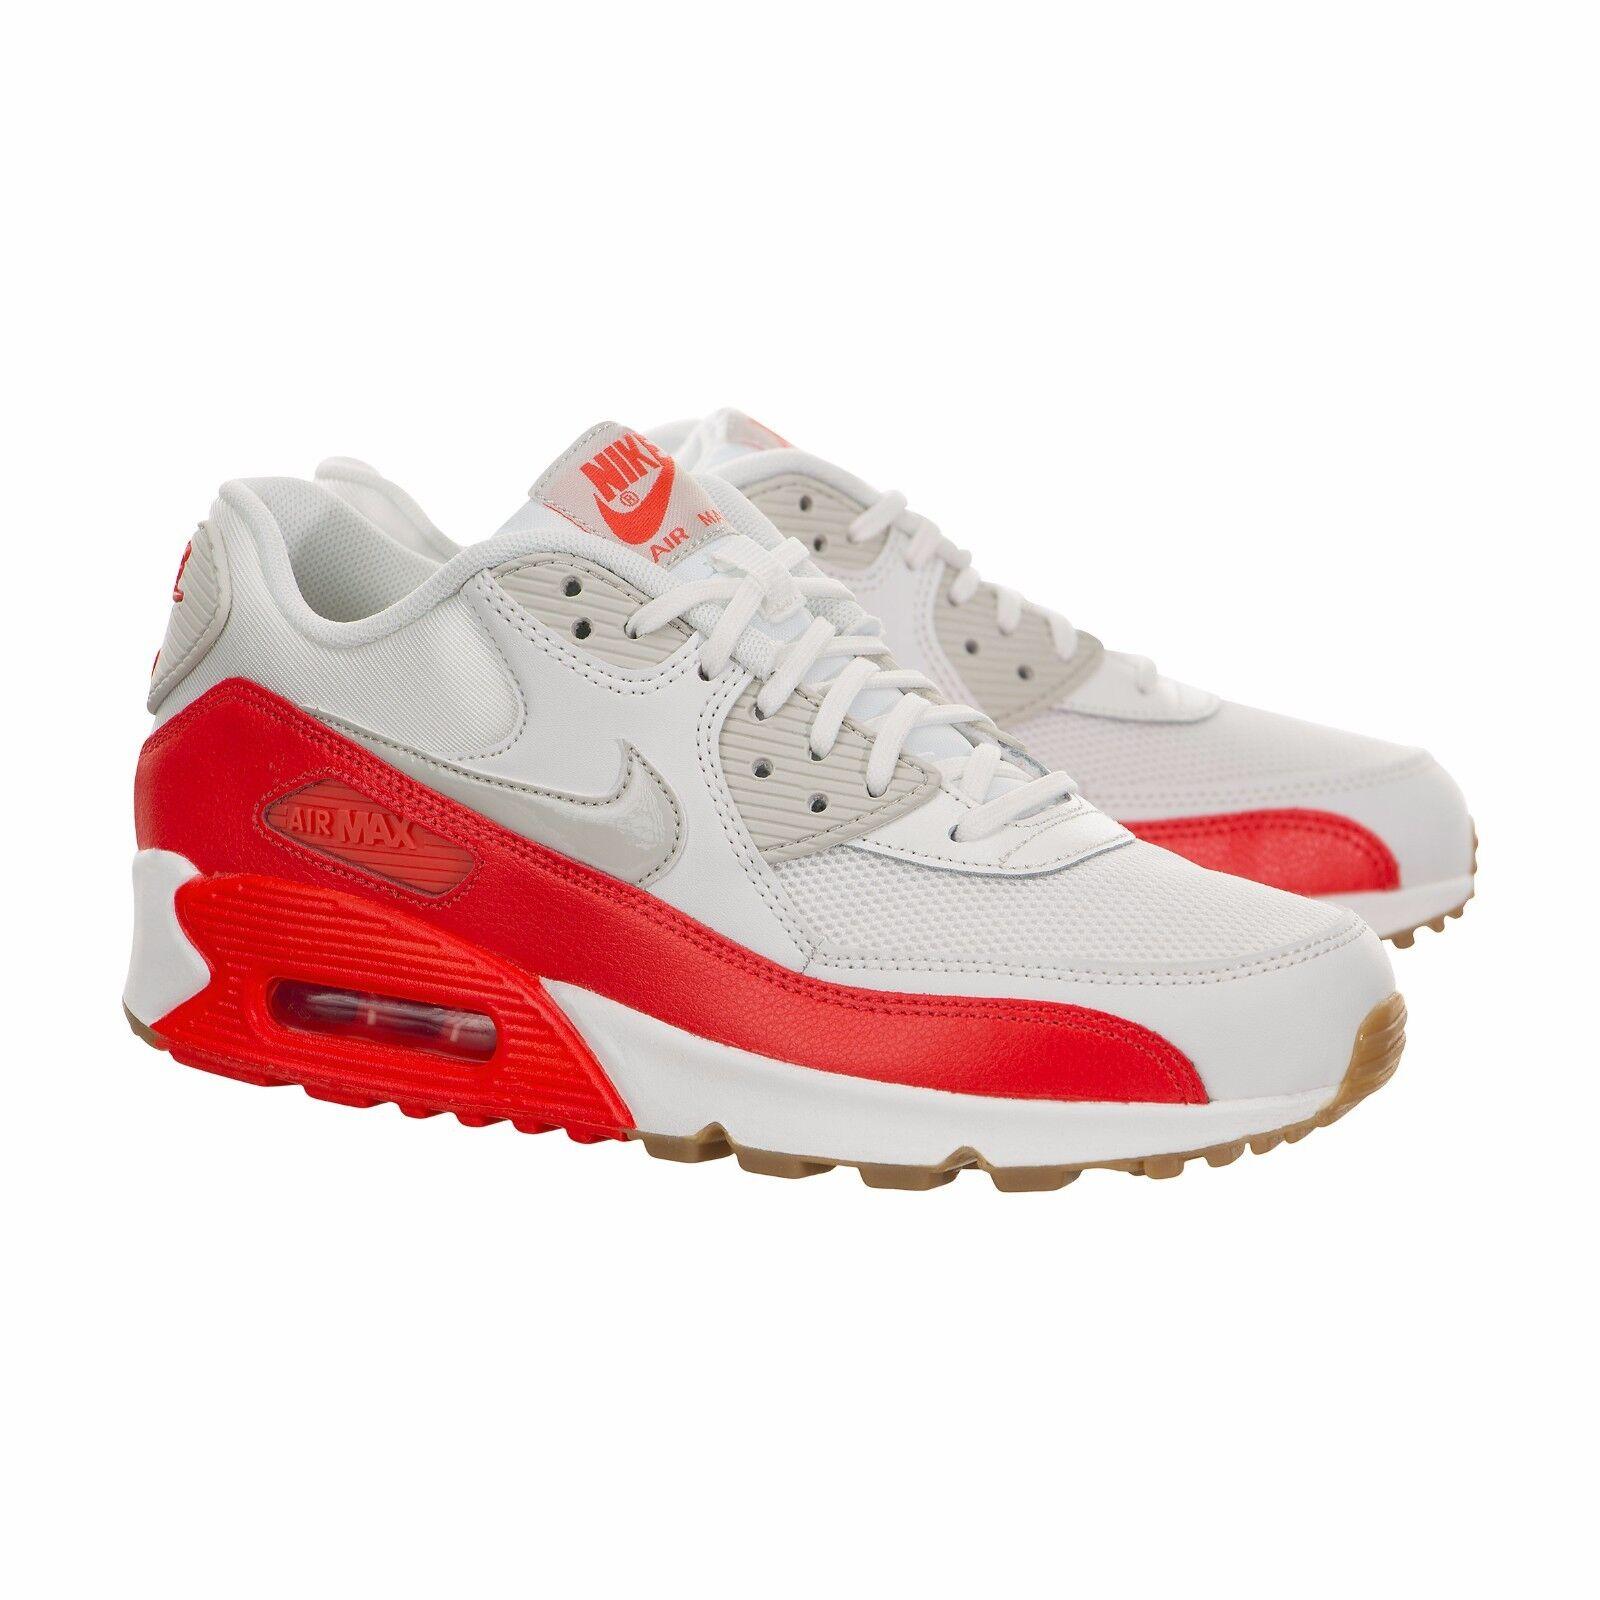 Nike Femmes Air Max 90 Huilles Courir Blanc Crimson 616730-113 Sz 5 - 8.5